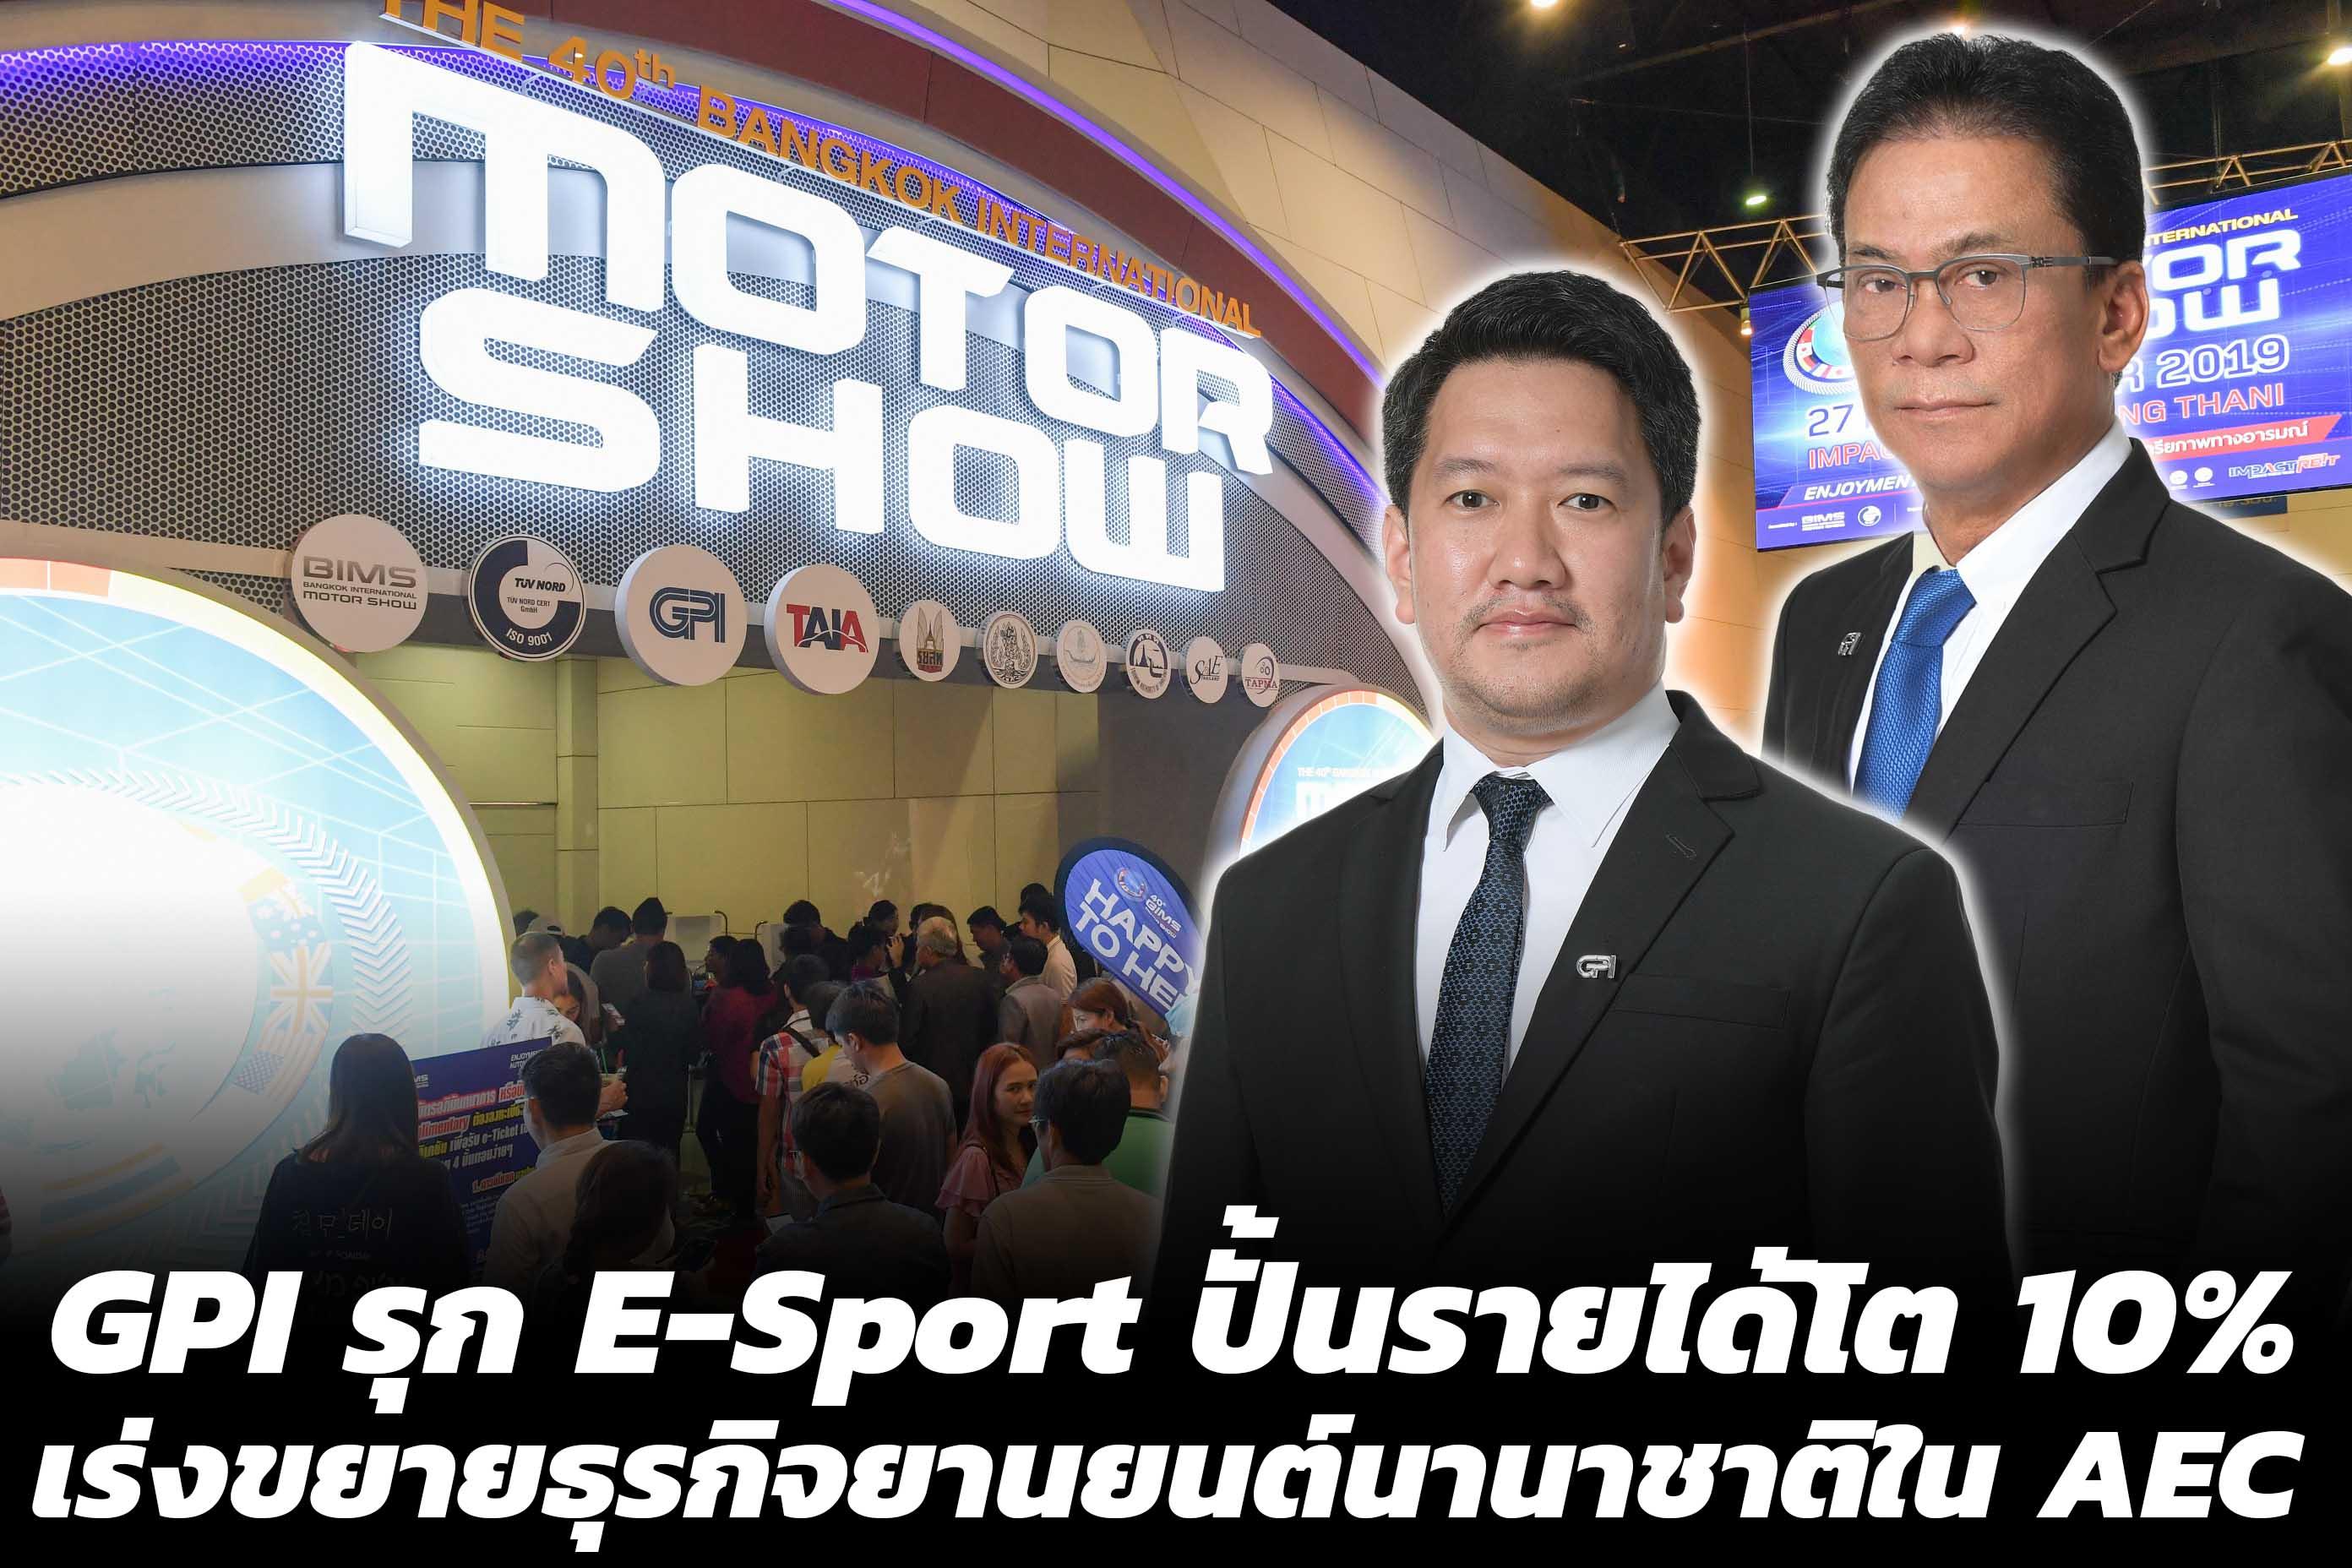 (รับชมคลิป) GPI รุก E-Sport ปั้นรายได้โต 10% เร่งขยายธุรกิจยานยนต์นานาชาติใน AEC